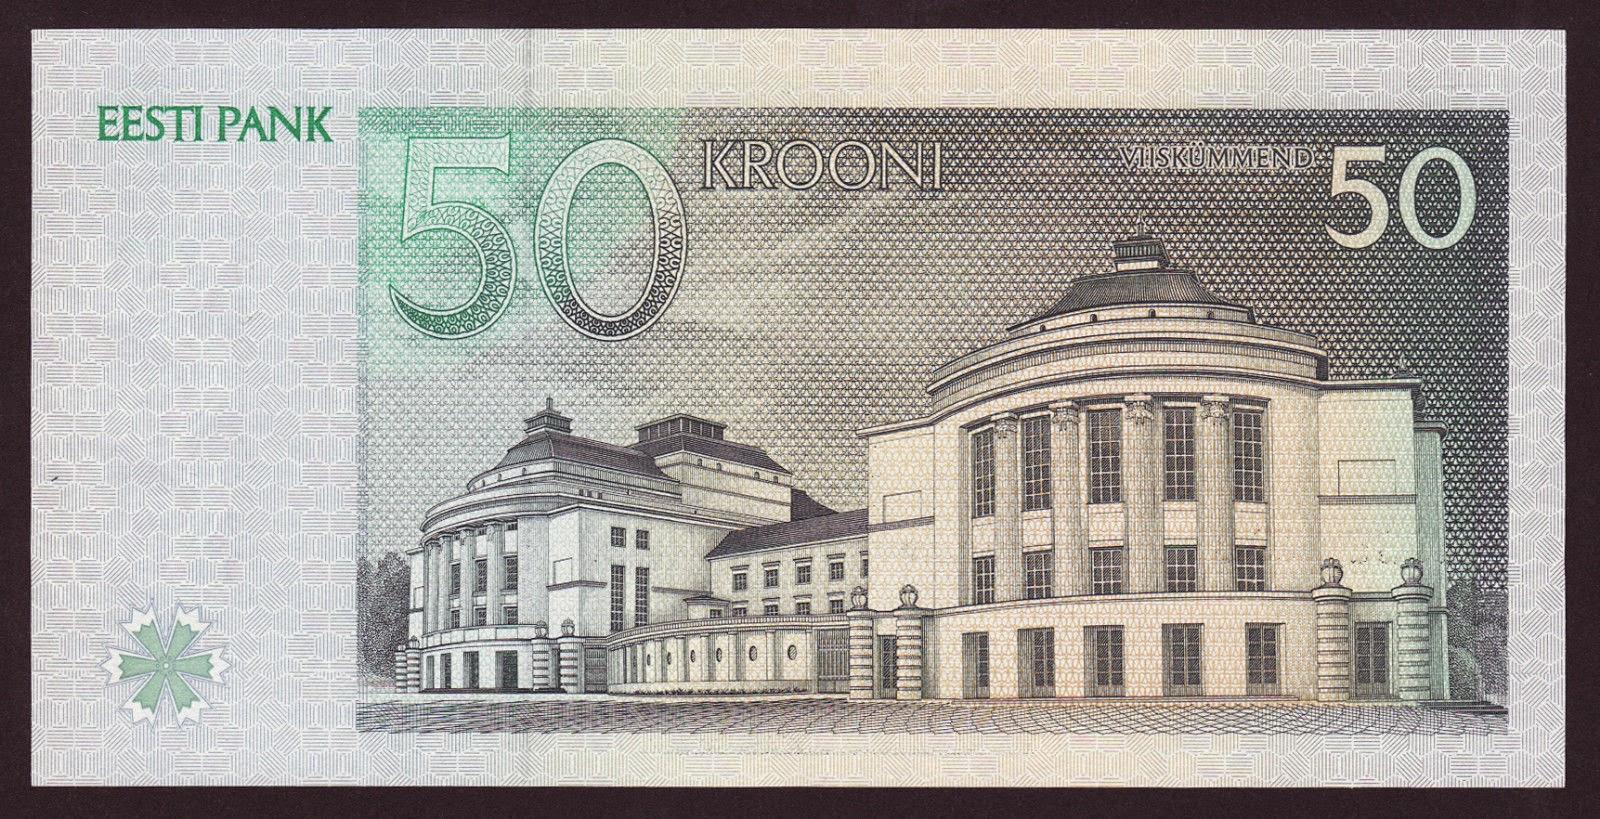 Estonia banknotes 50 krooni note, Estonia Opera House